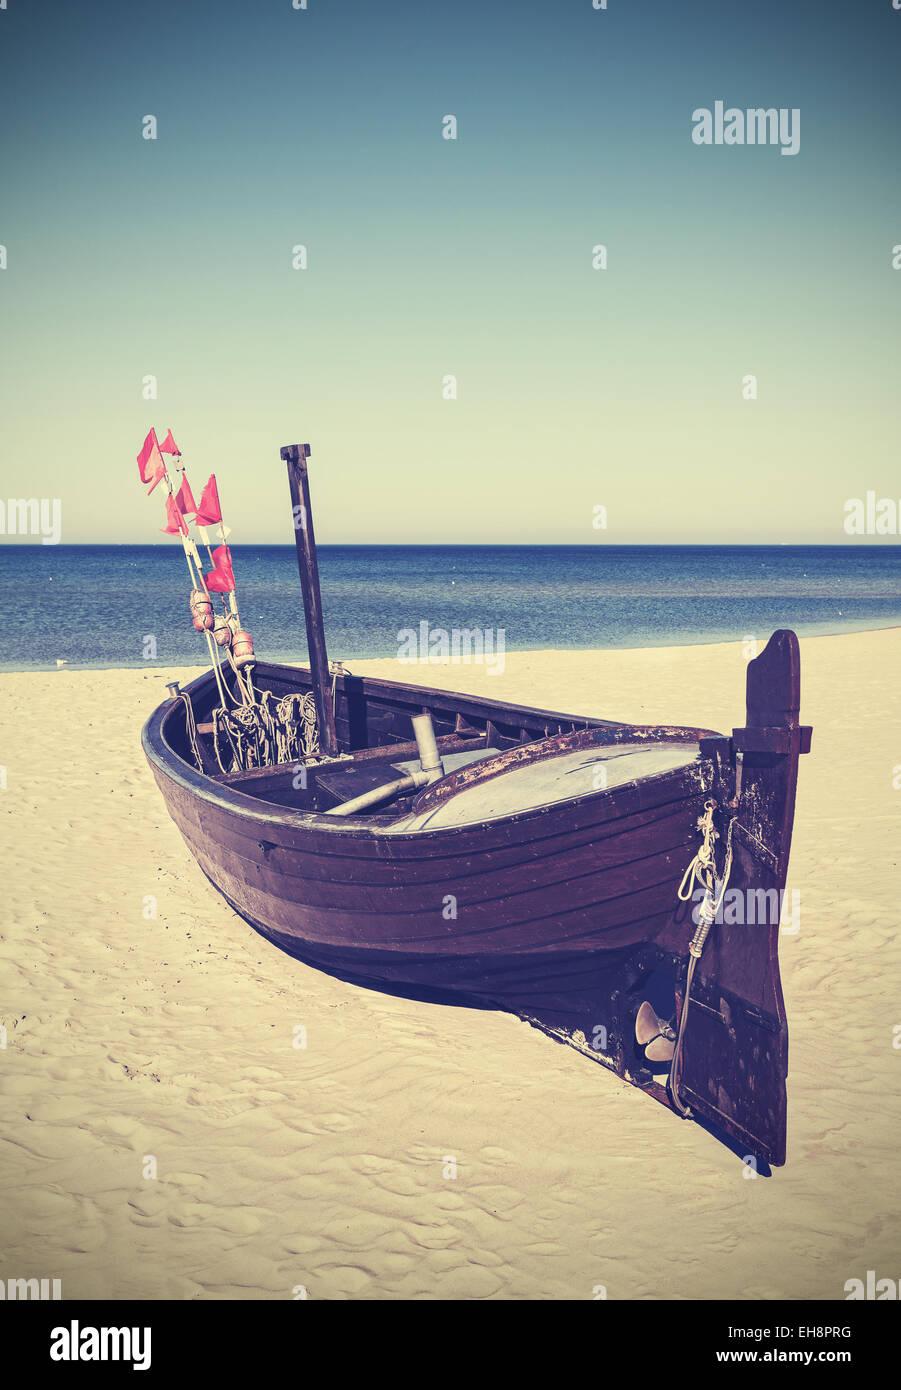 Retro photo filtrée de bateau de pêche sur la plage. Photo Stock